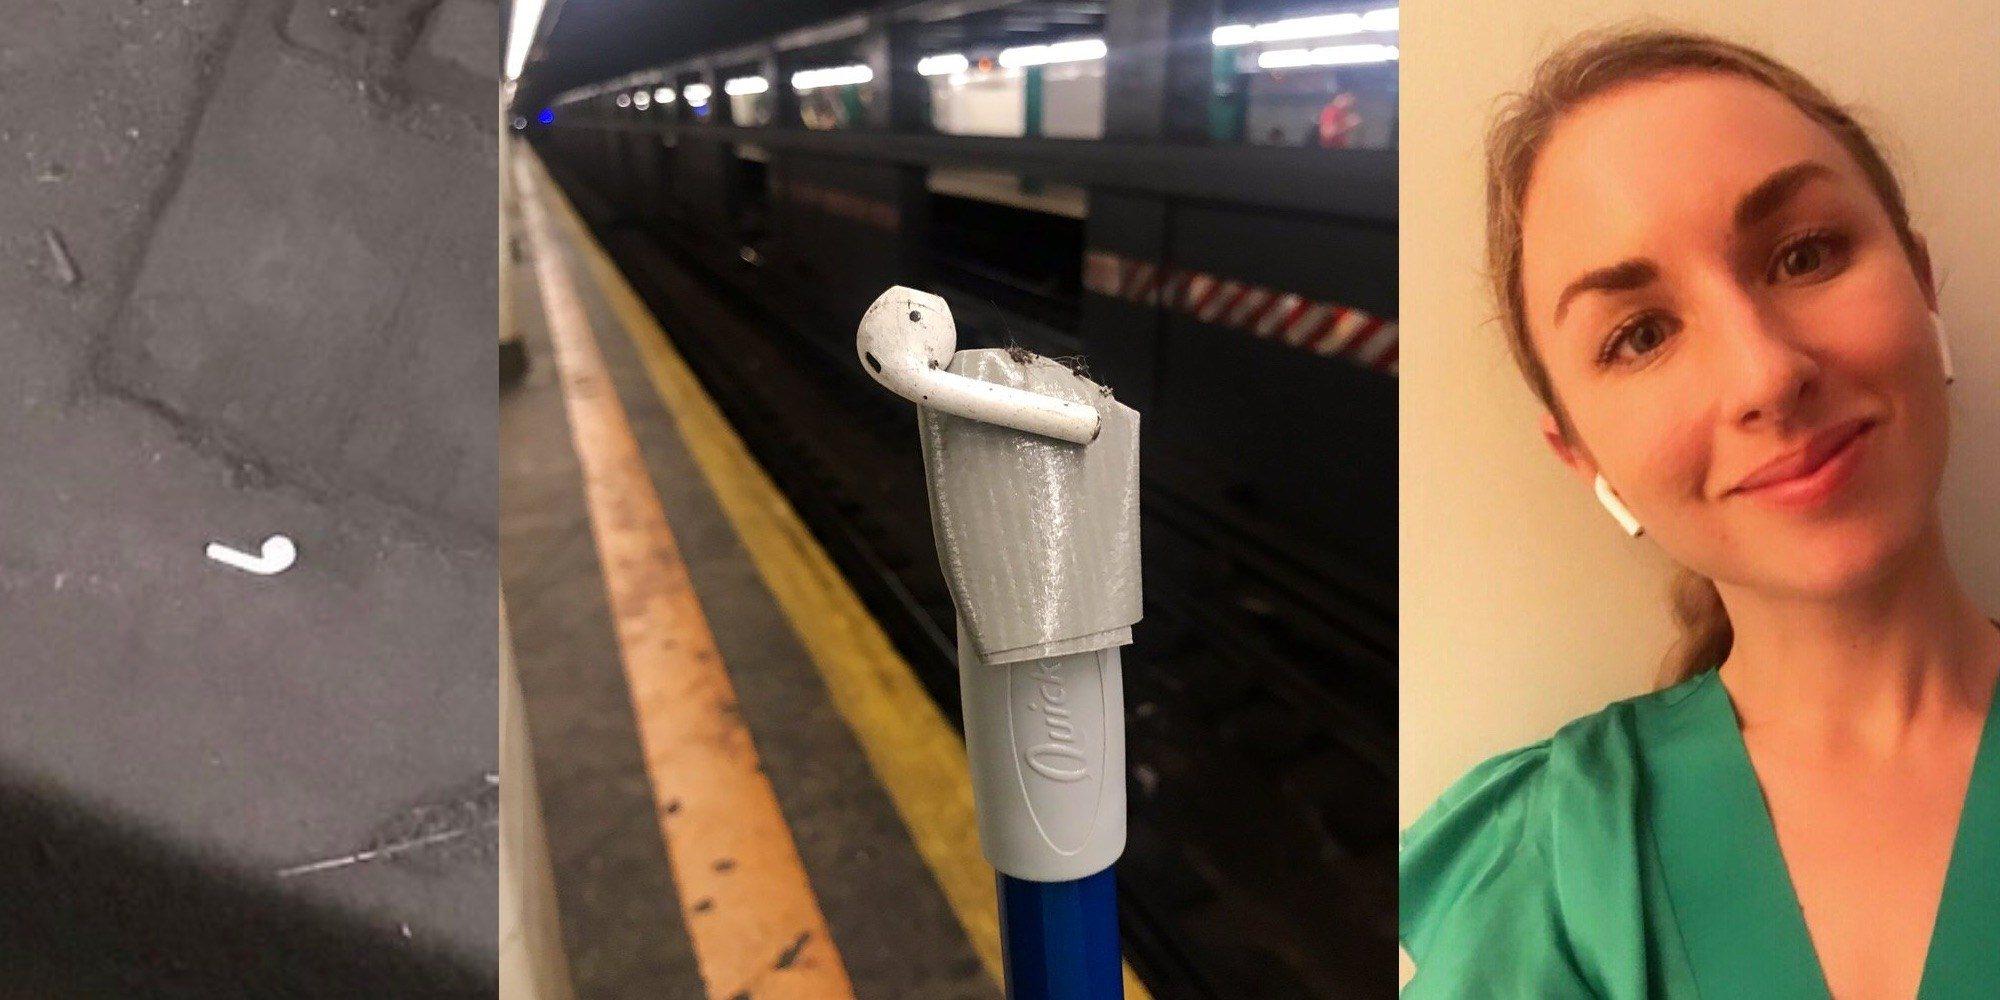 耳机掉落怎么办?国外妹子一只AirPod不慎掉下地铁巧追回